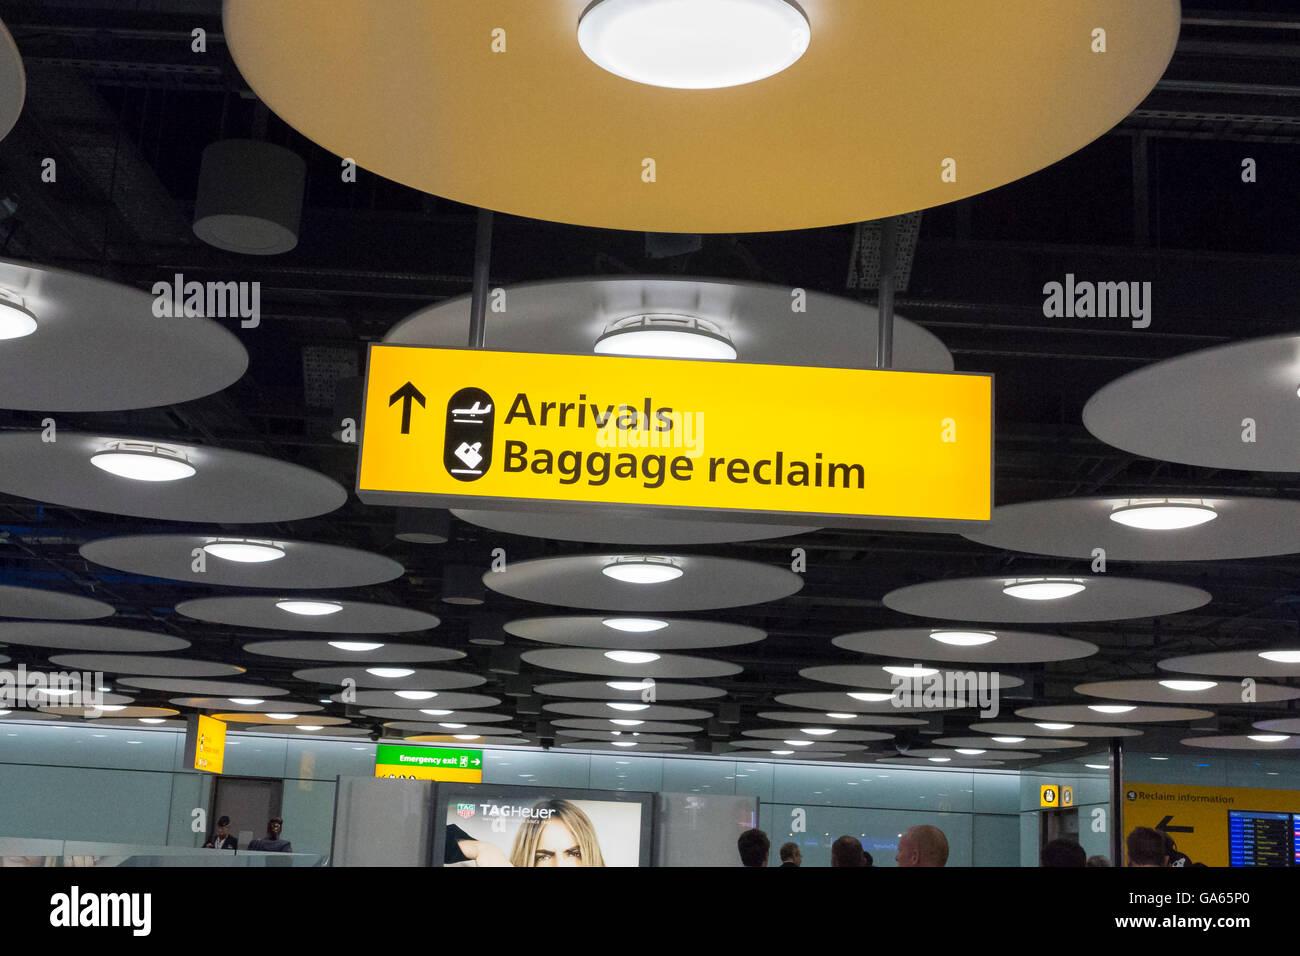 Ankunft Gepäckausgabe Schild an einem Flughafen in Großbritannien Stockbild